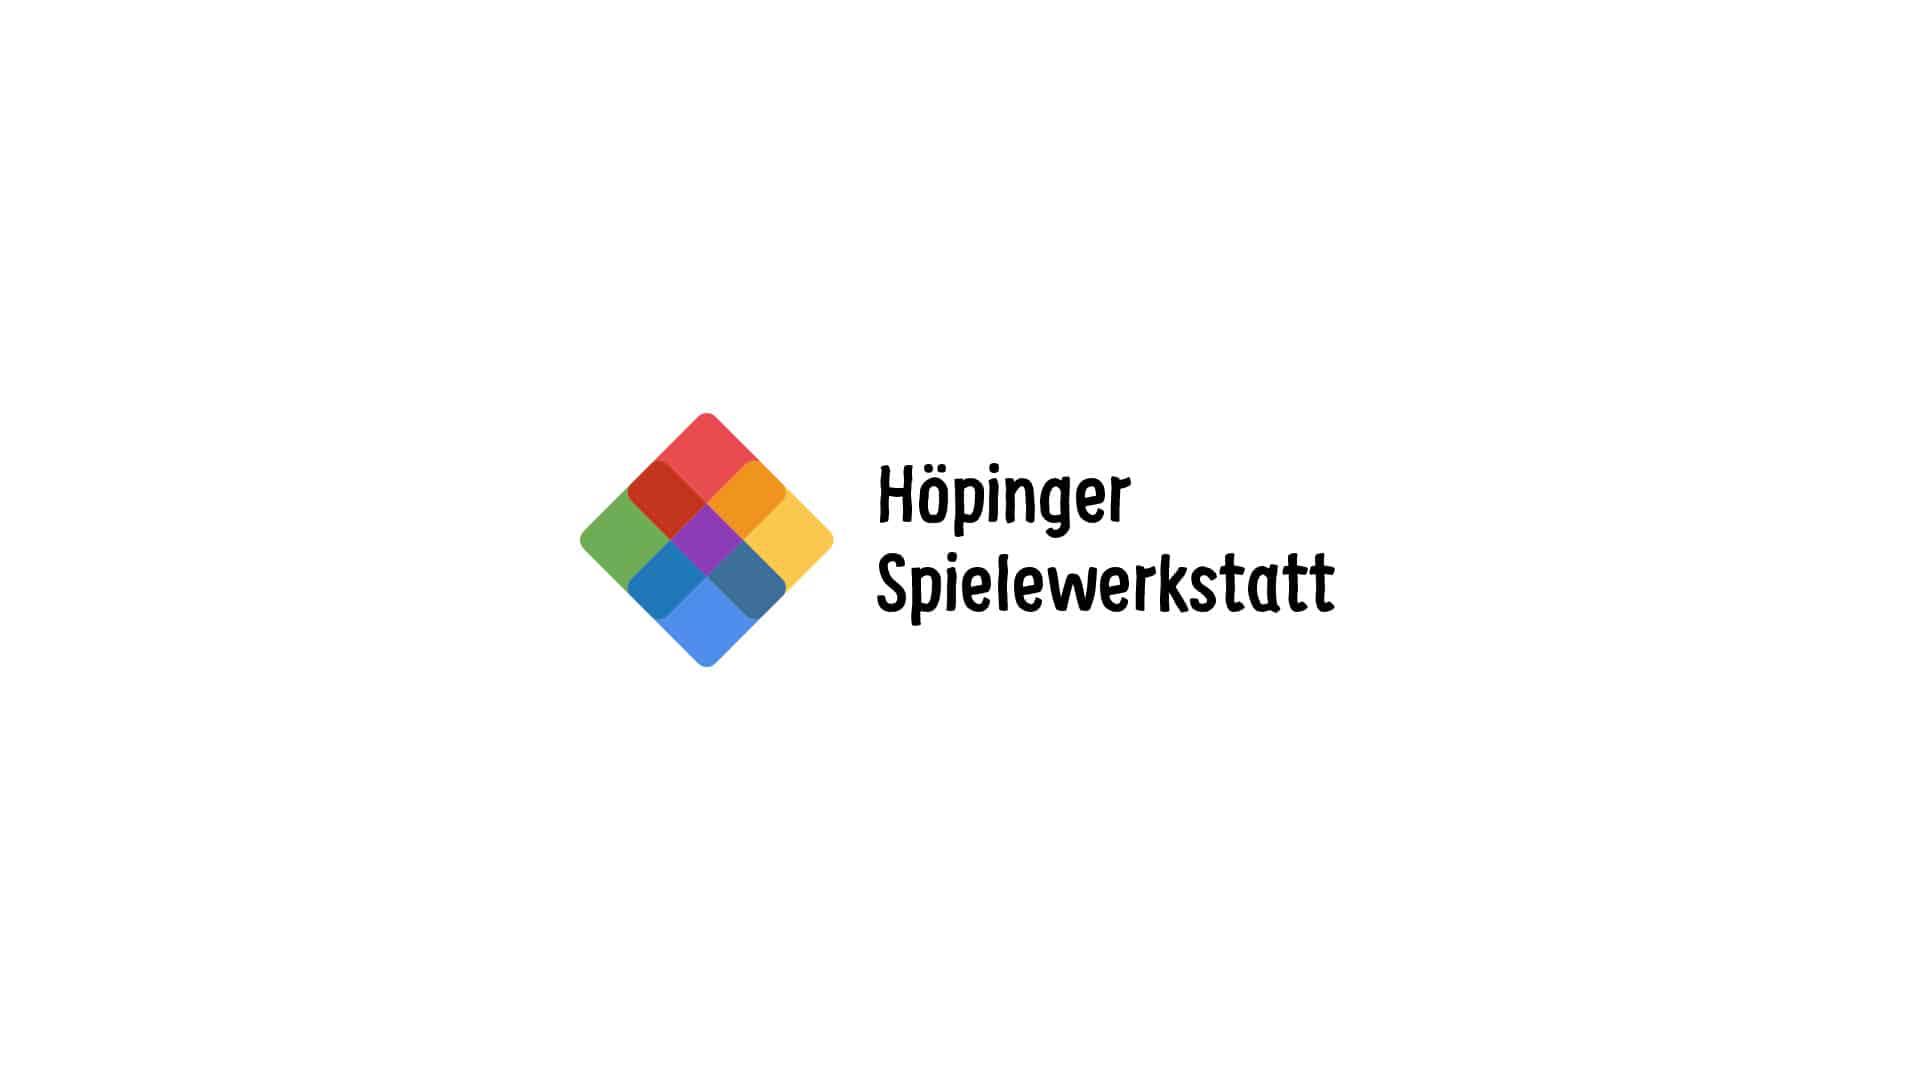 logodesign-hoepinger-spielewerkstatt-geniacs-designbuero-muenster